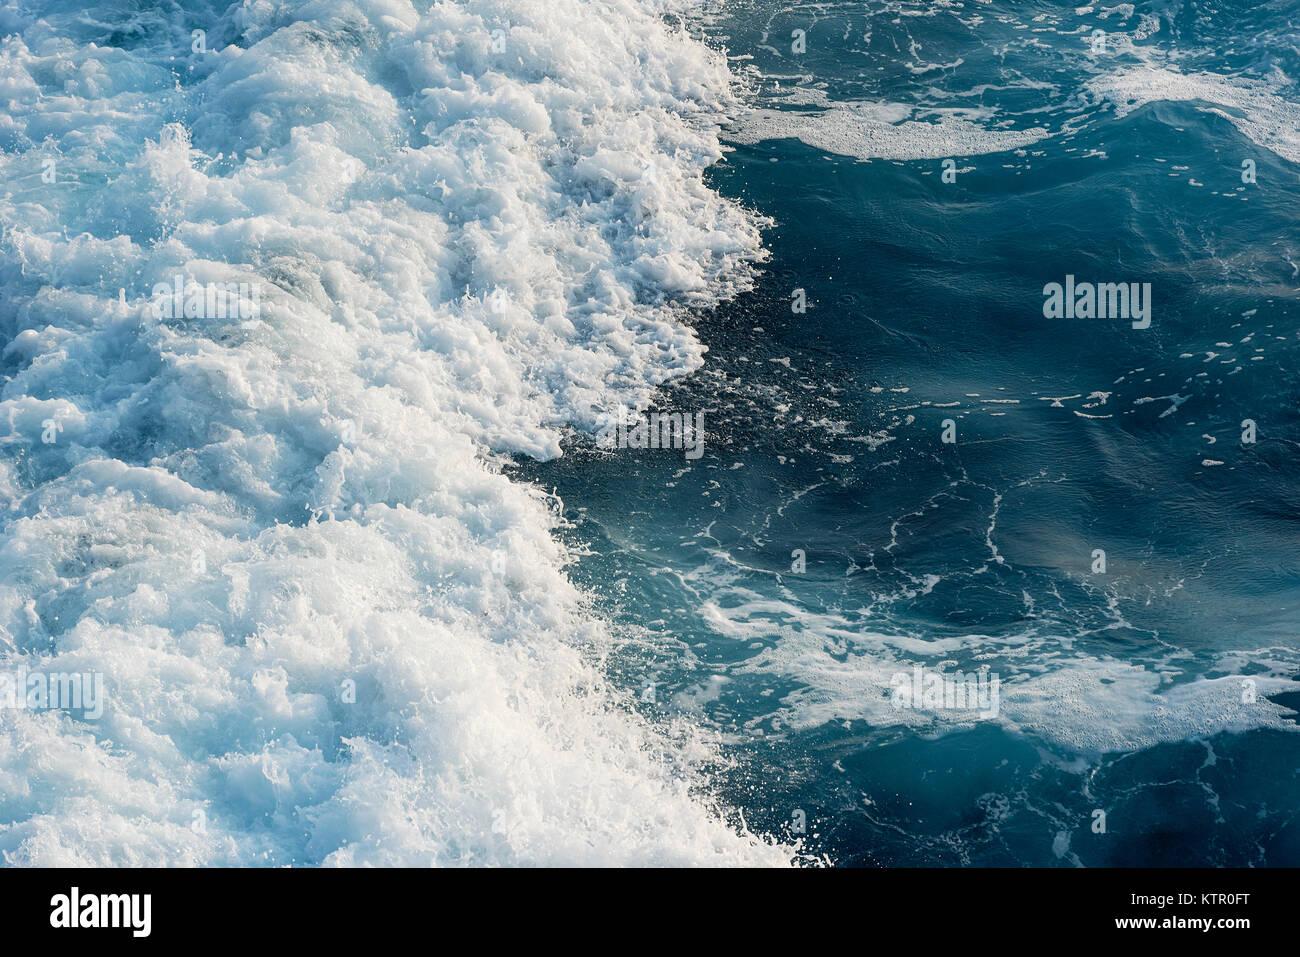 Das Ocean Wave. Stockbild